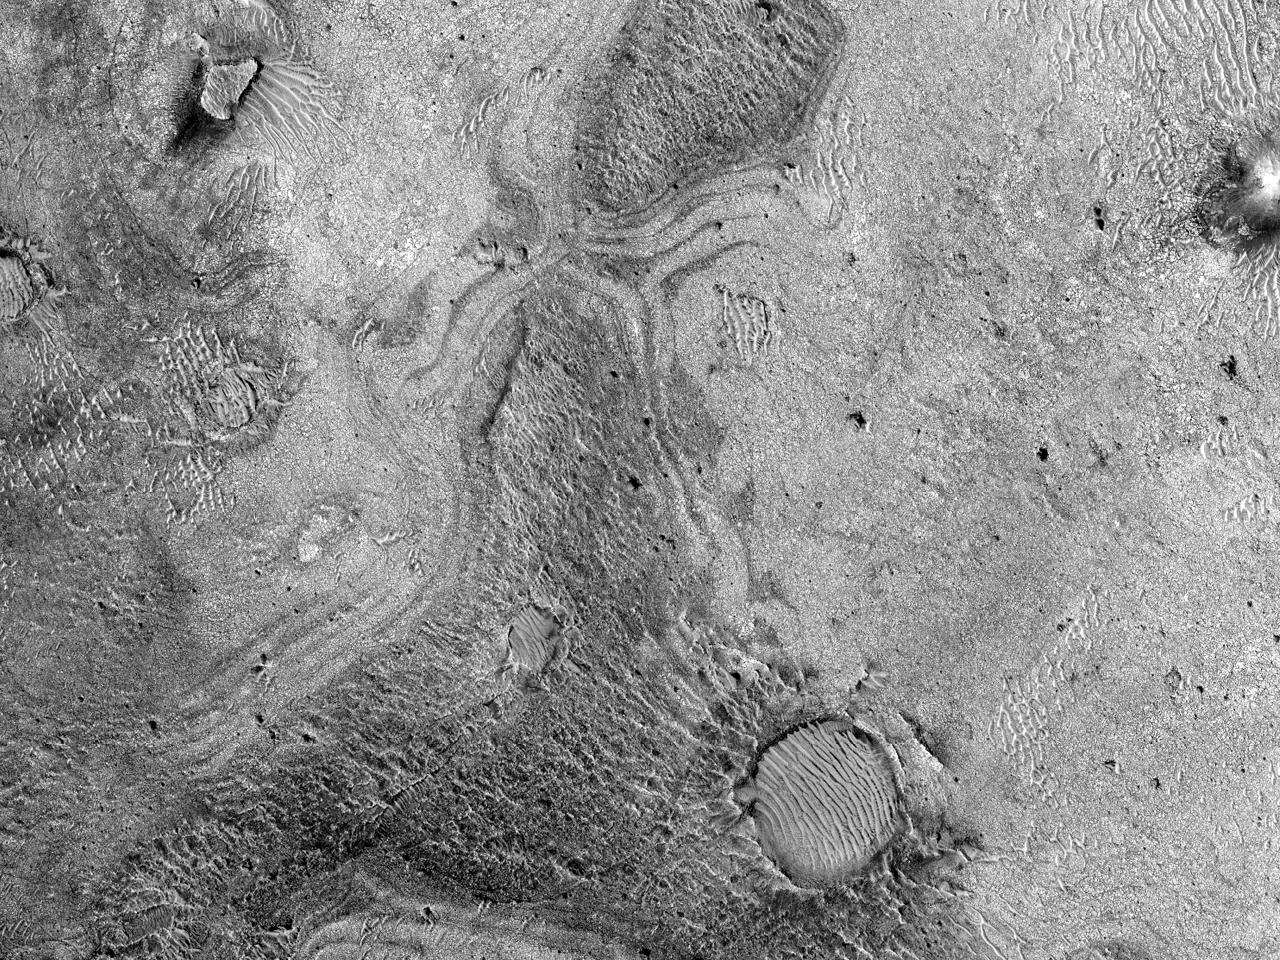 الموقع المُقترح للاستكشافات المُستقبلية فى السهول الكربوناتية لتشققات نيلي (Nili Fossae)